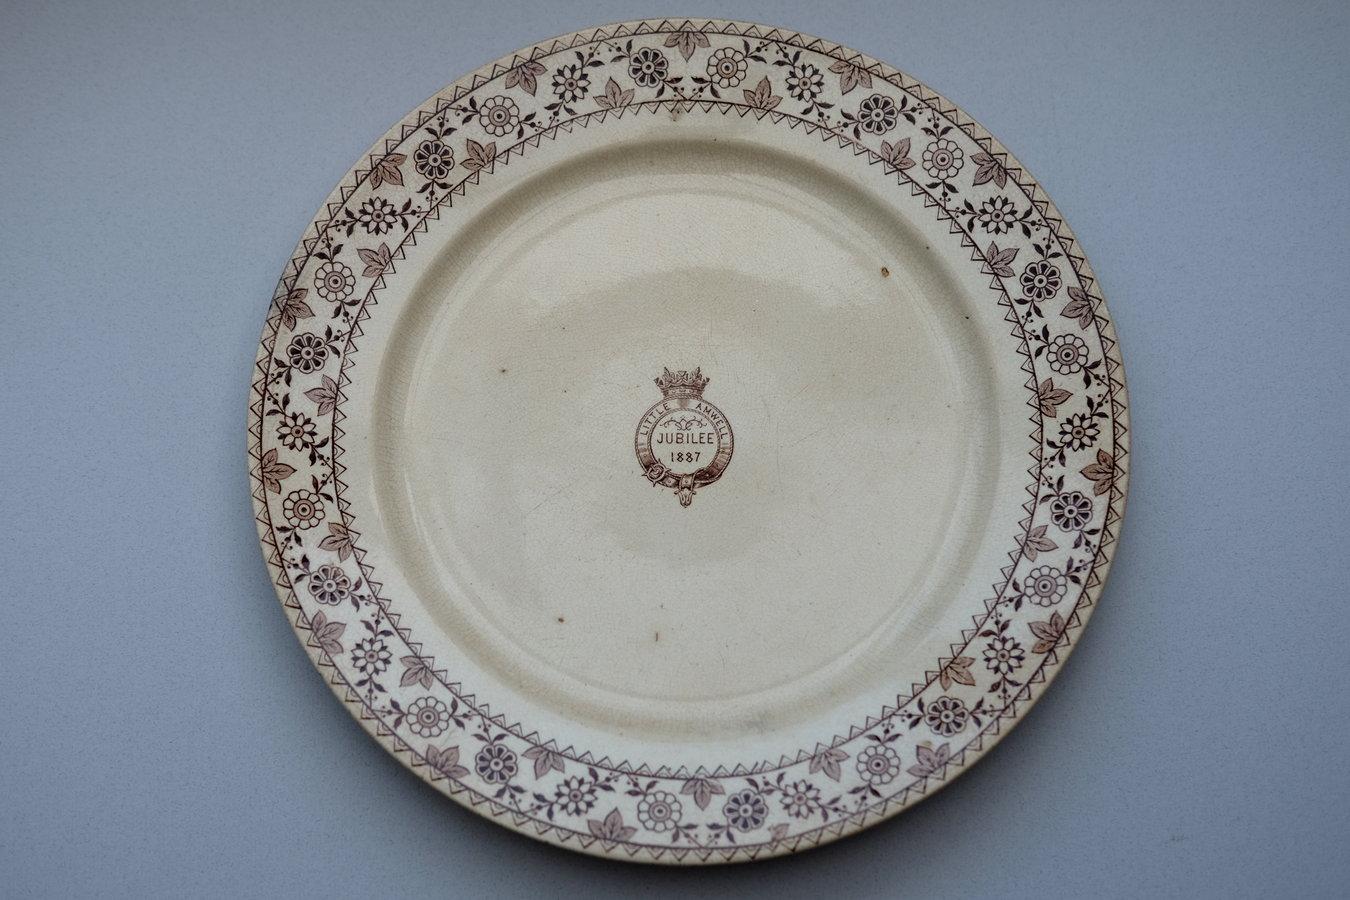 Little Amwell Golden Jubilee Plate